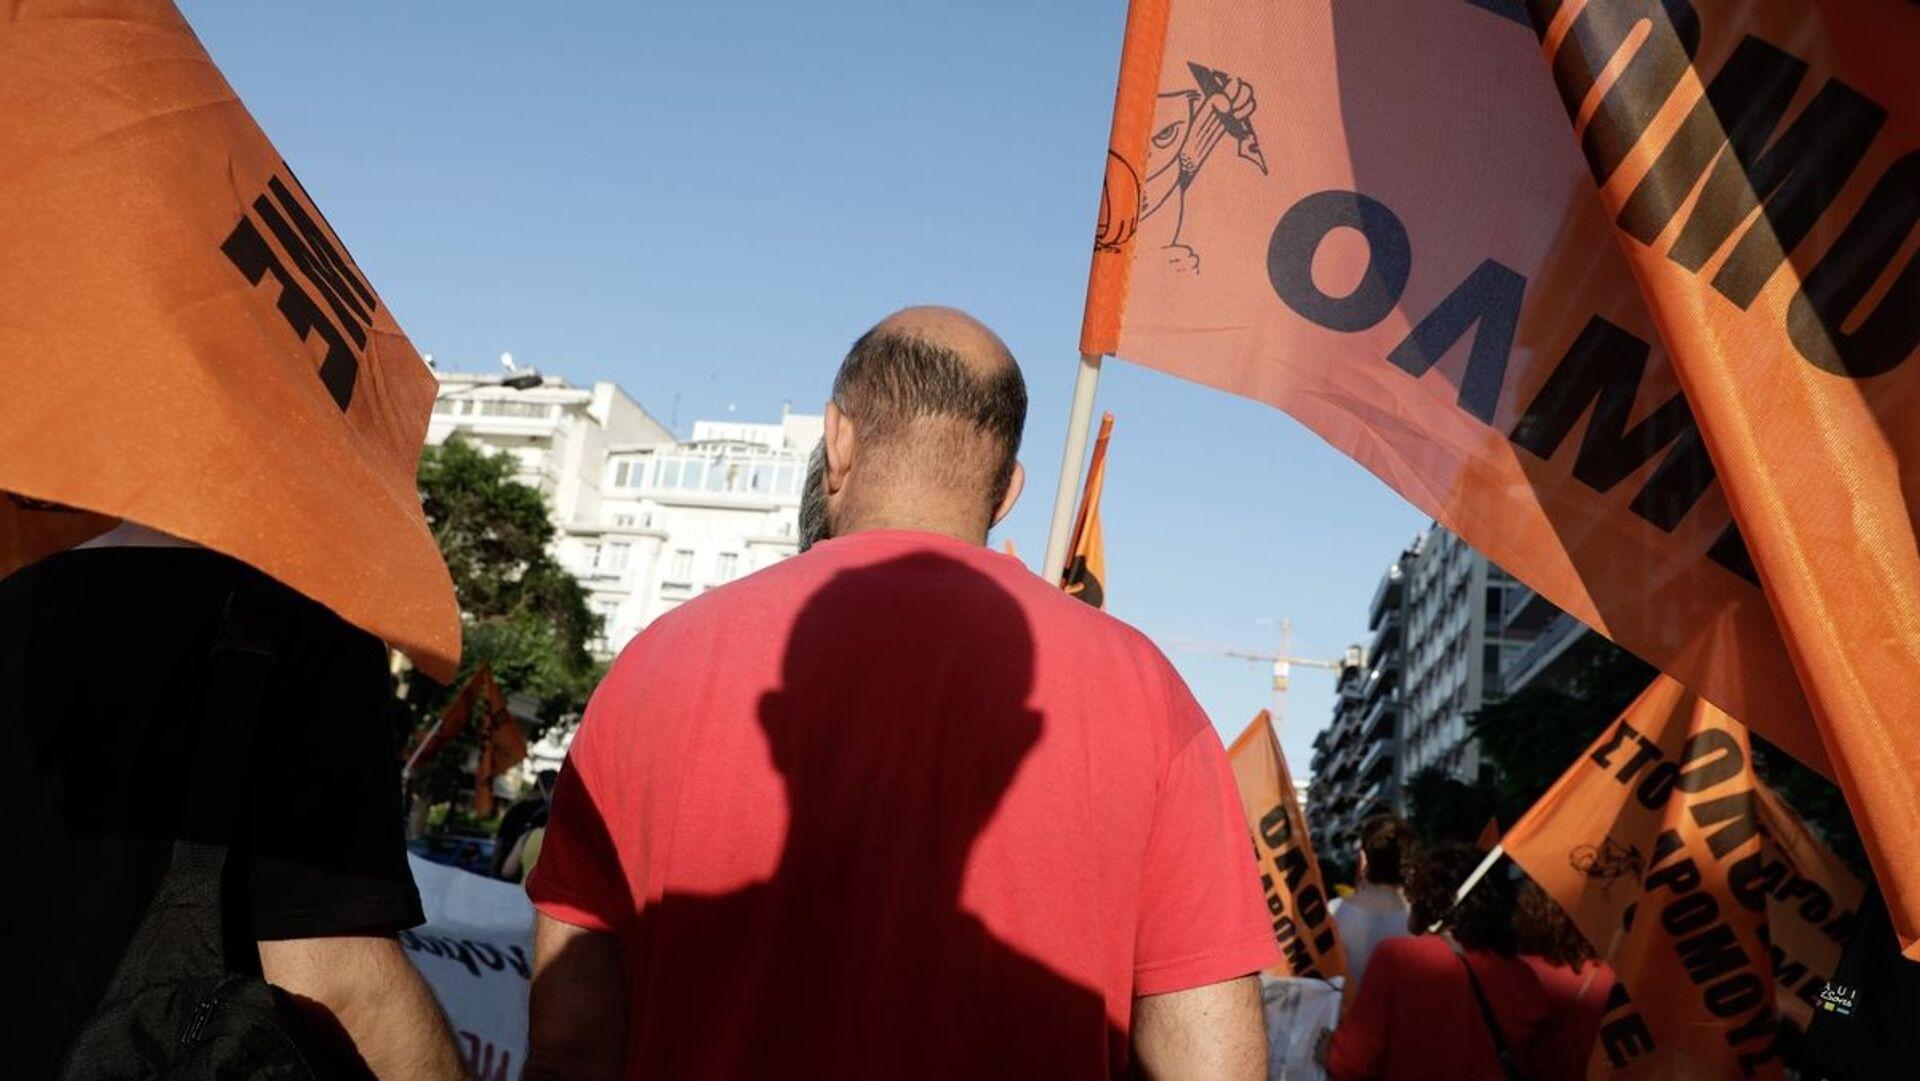 Συλλαλητήριο εκπαιδευτικών στο κέντρο της Αθήνας - Sputnik Ελλάδα, 1920, 11.10.2021